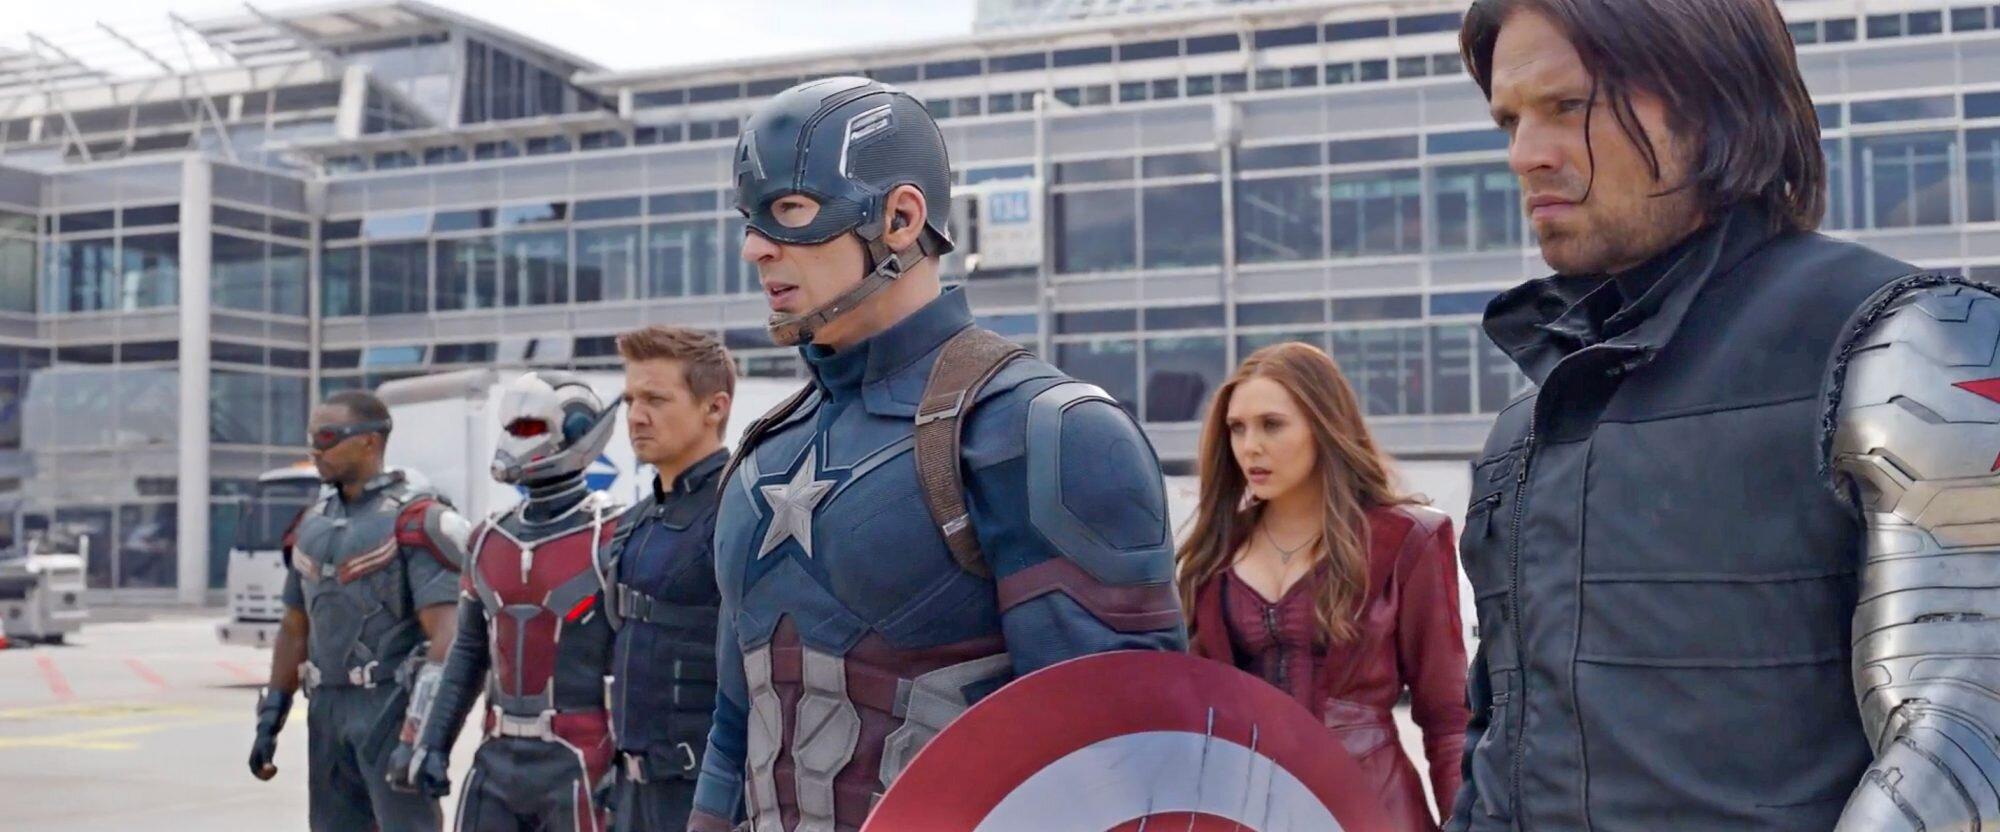 Captain America: Civil War': EW review | EW.com